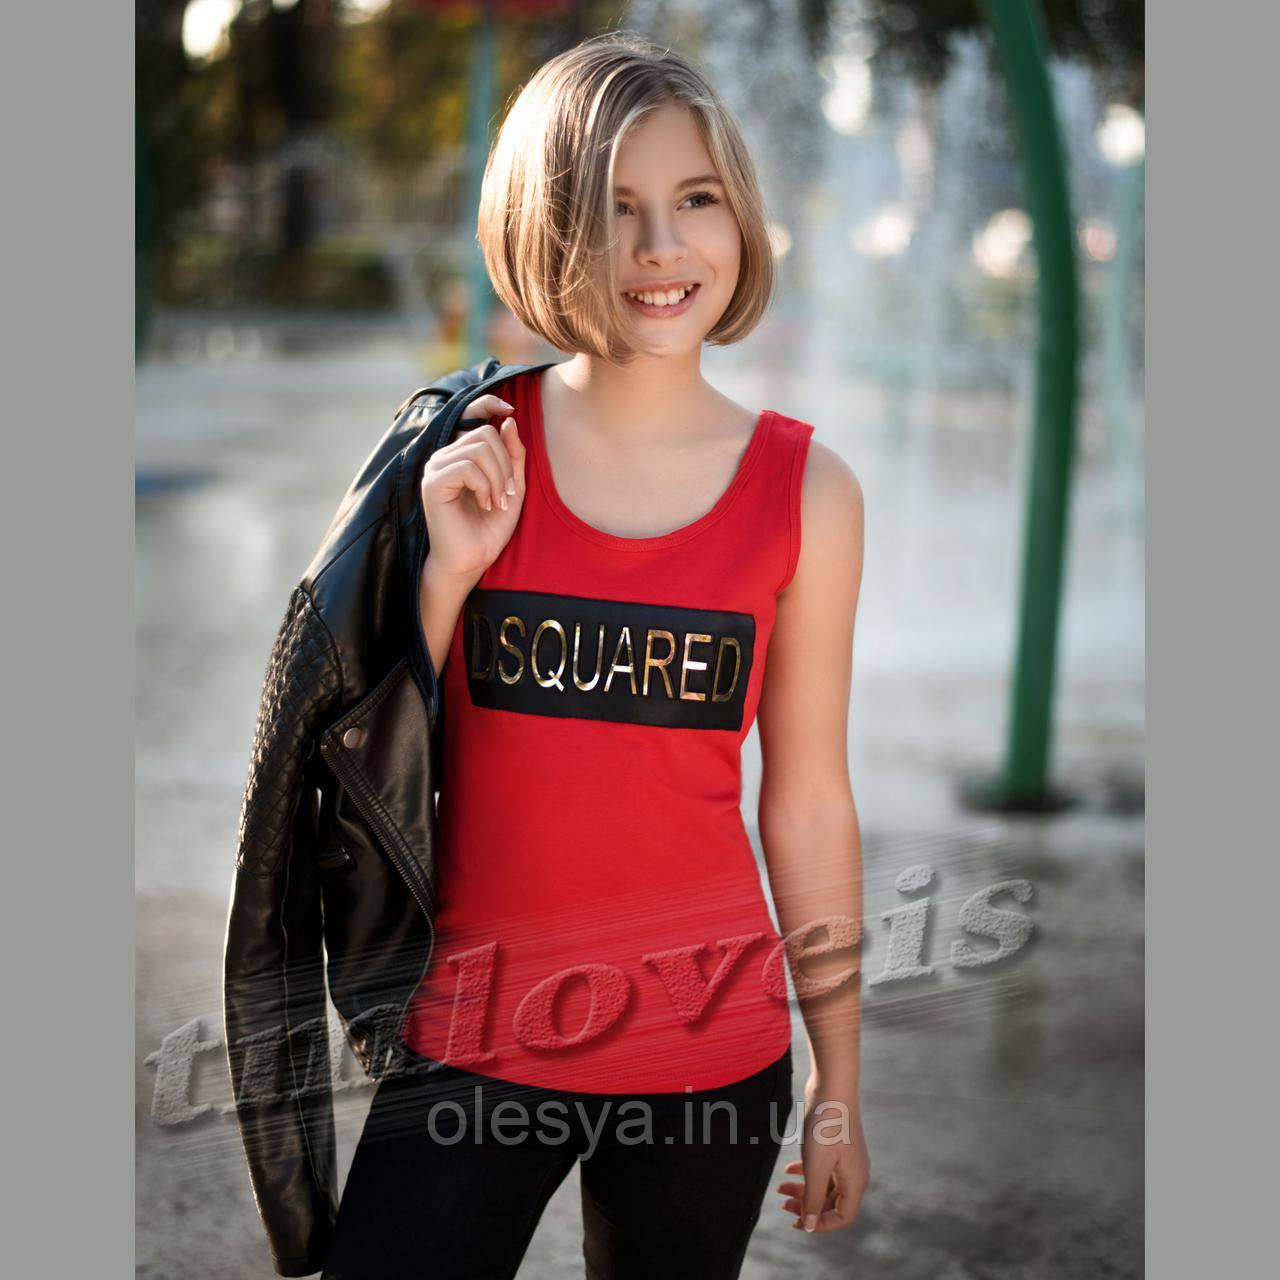 Подростковая Майка для девочки Dsquared красная